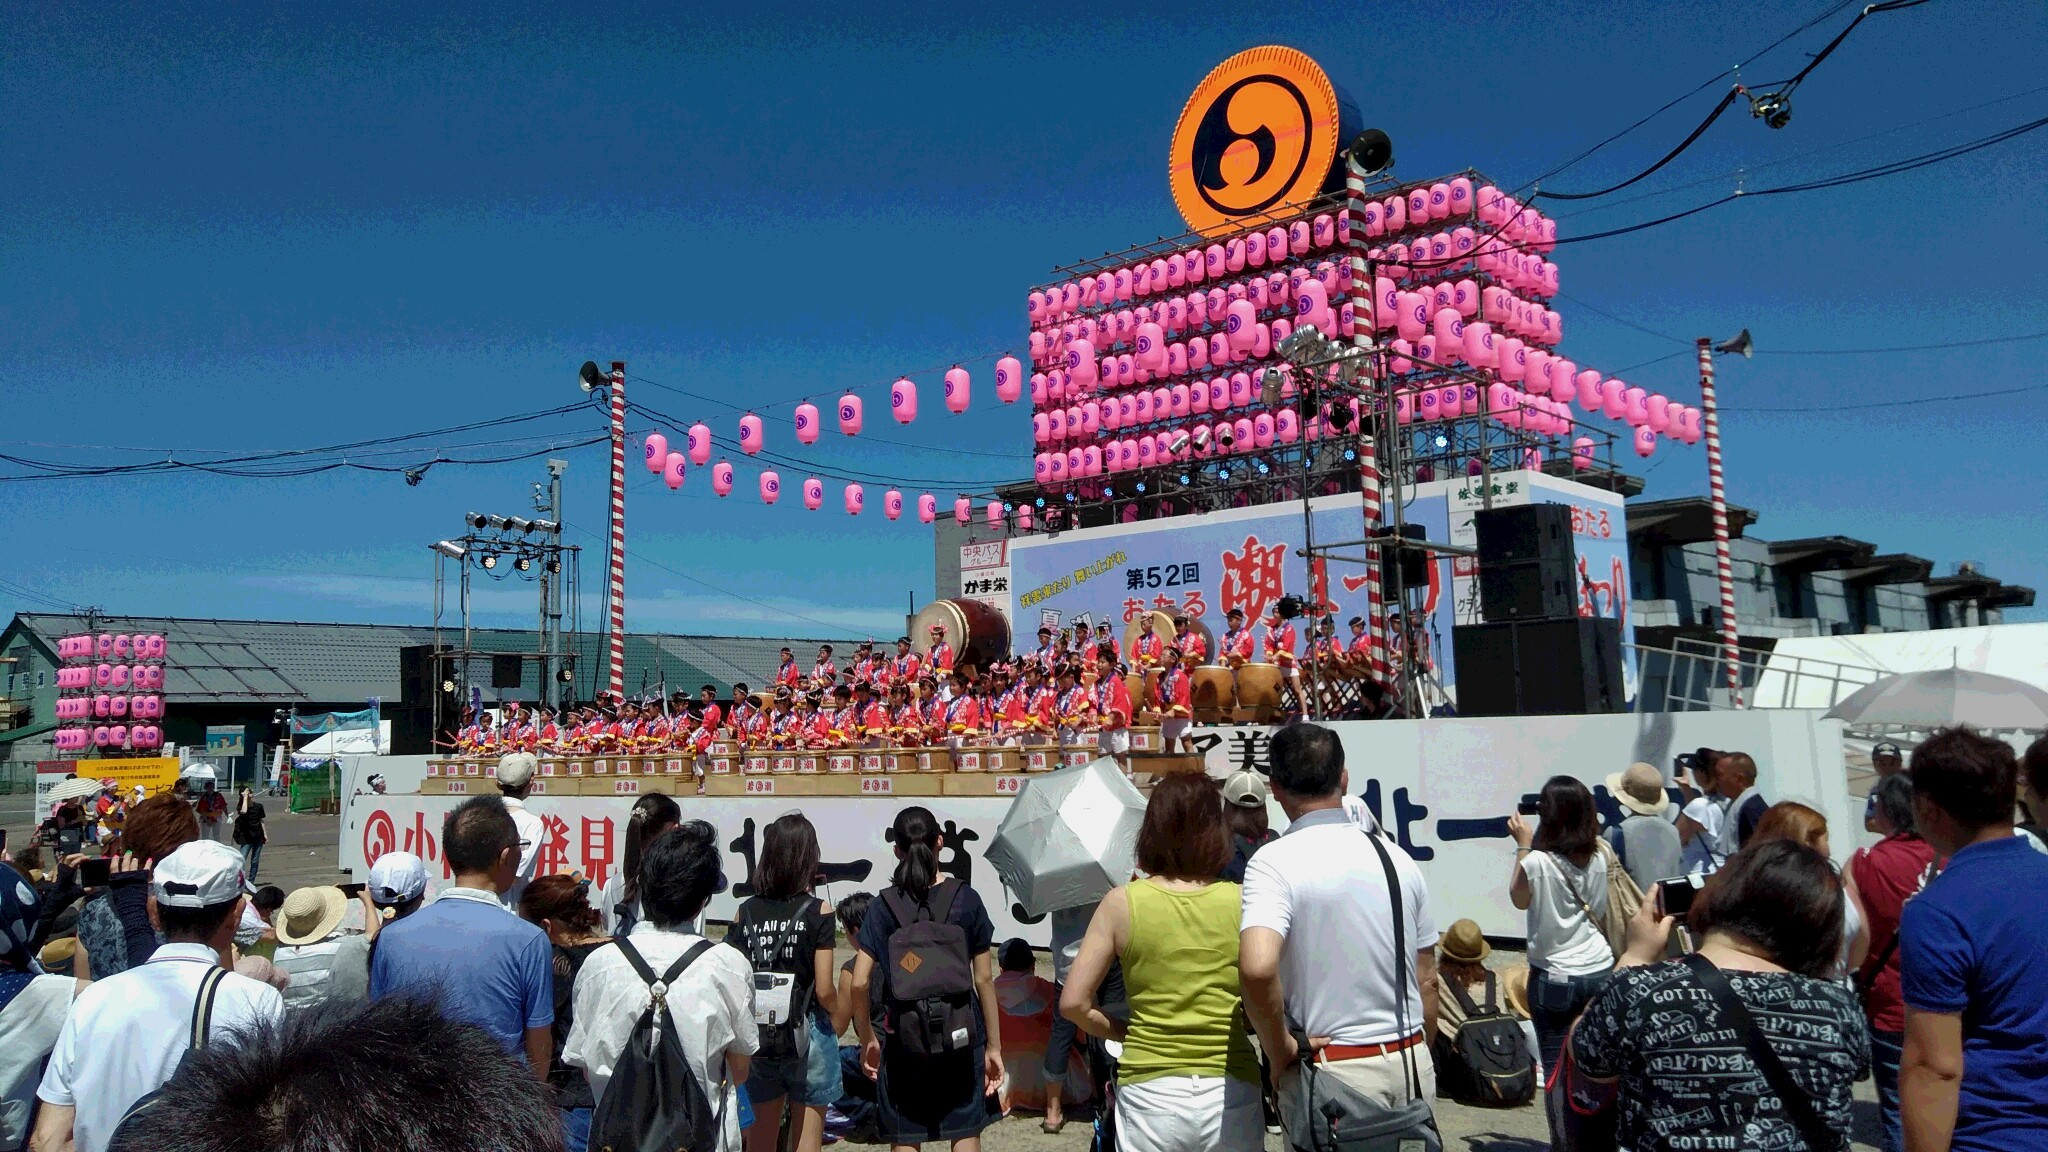 お祭りの多い小樽の街で最大のイベント・小樽潮まつり